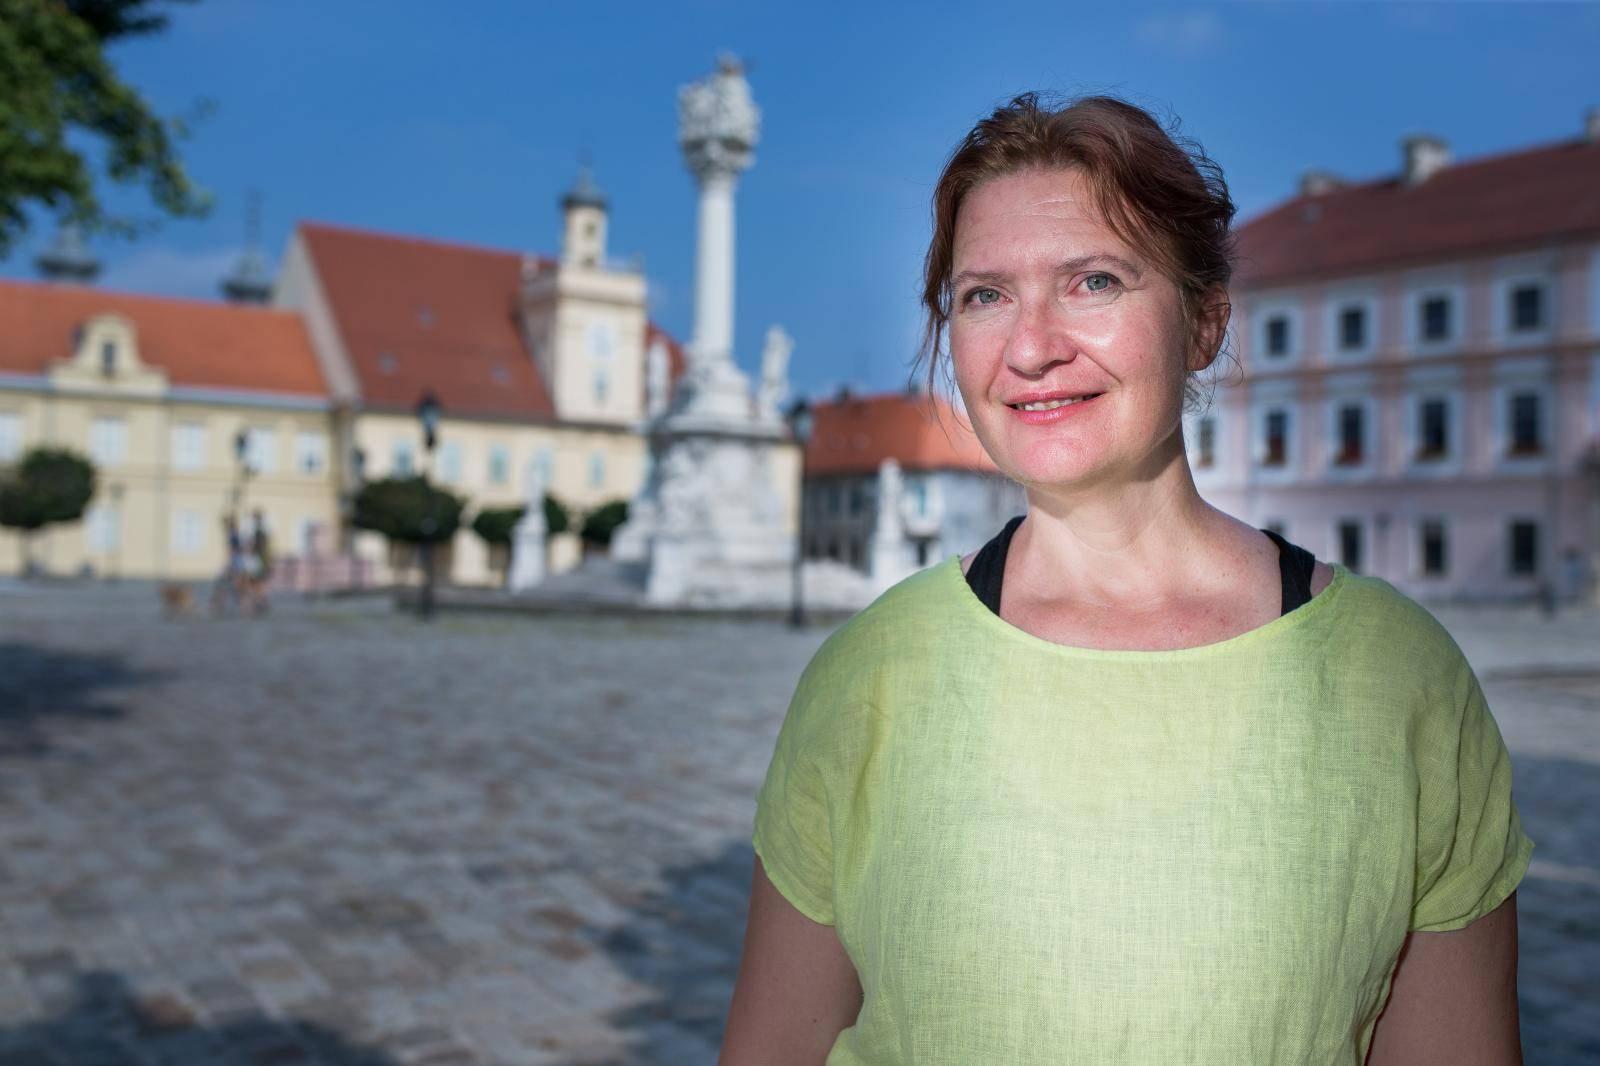 Julie je digitalni nomad: Osijek je super grad i ima dobar WIFI